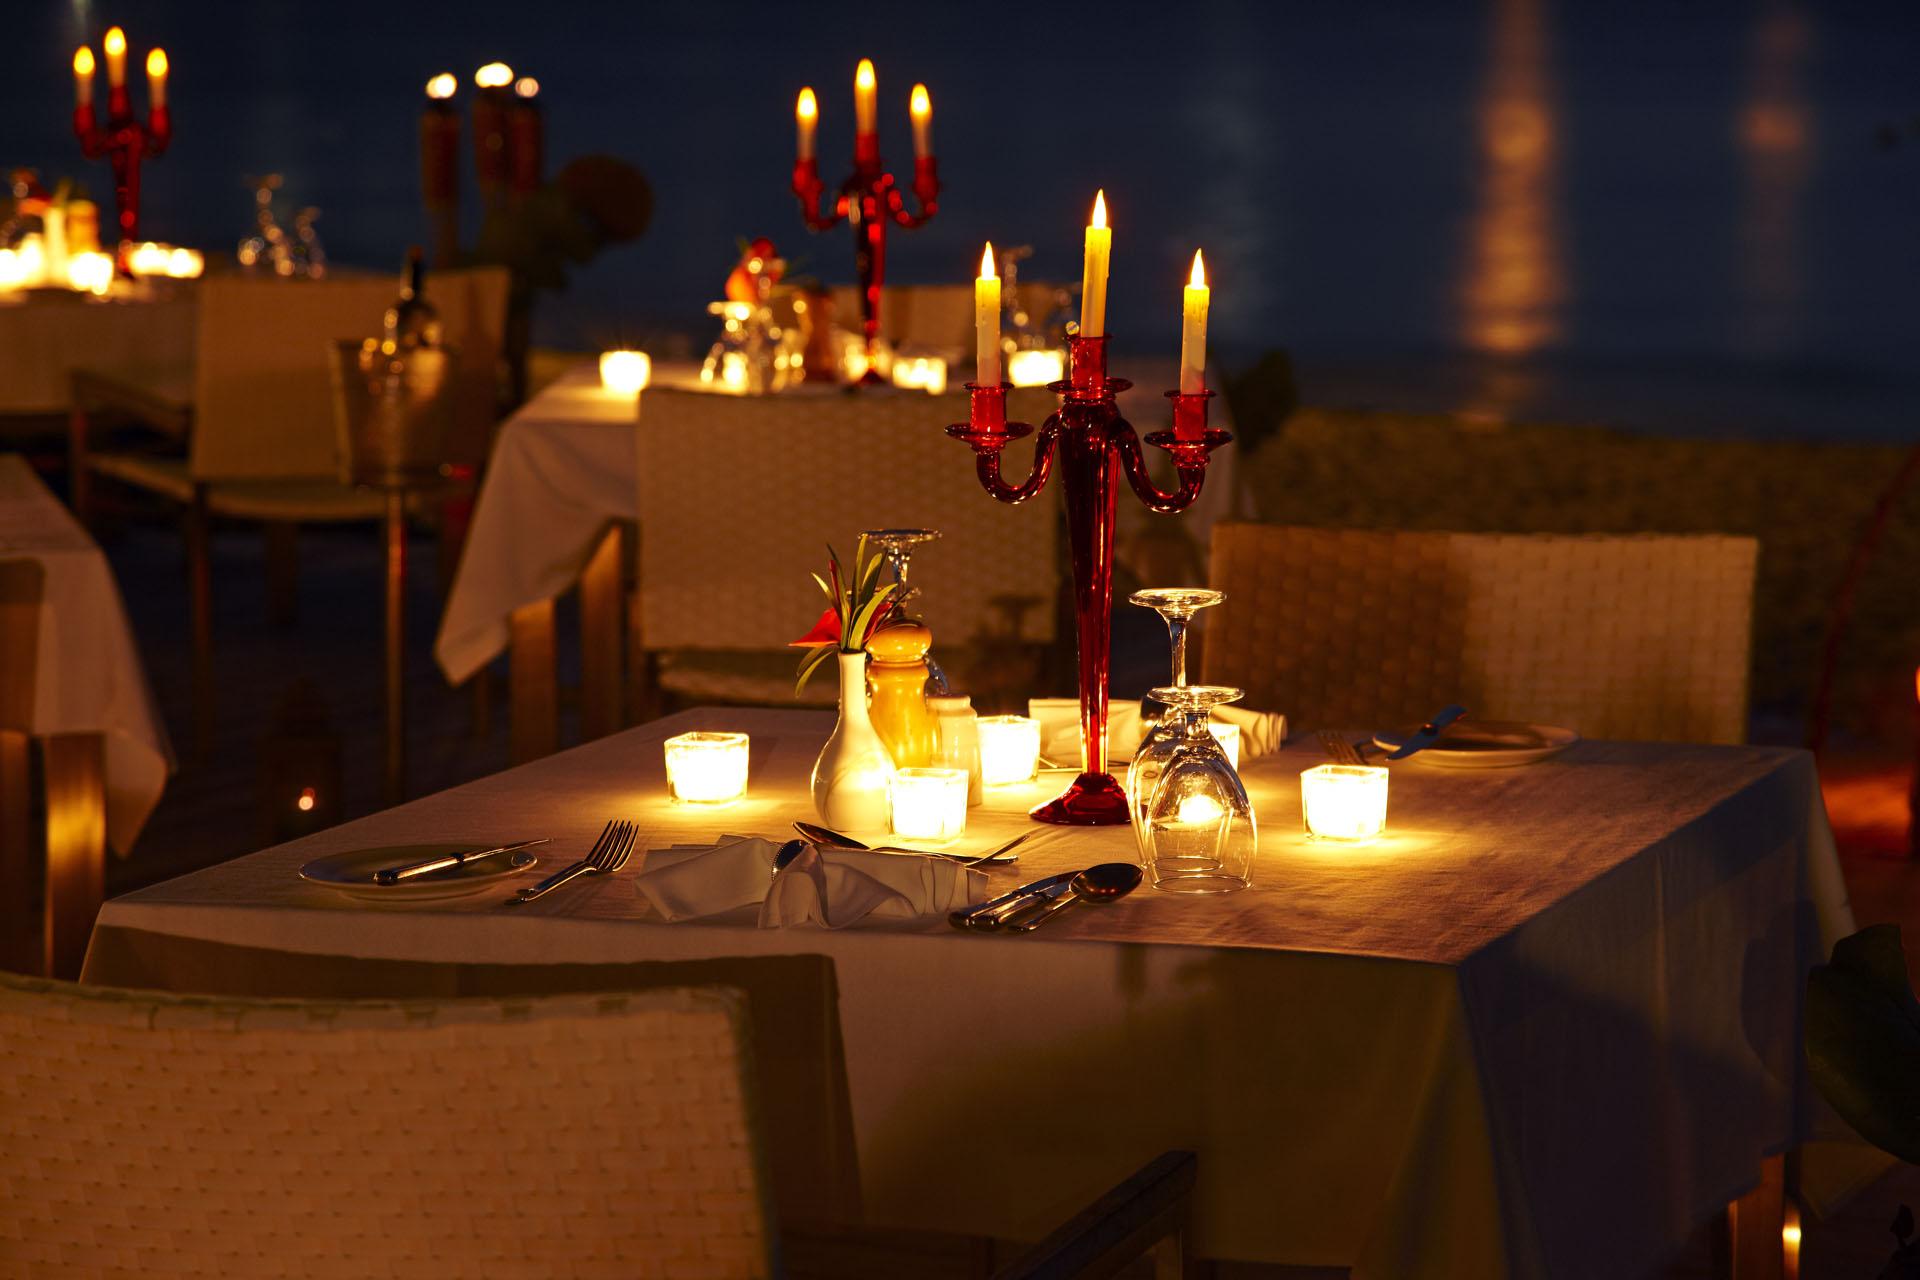 بالصور عشاء رومانسي , وجبات ليلية رومانتيكية ساحرة 1389 7